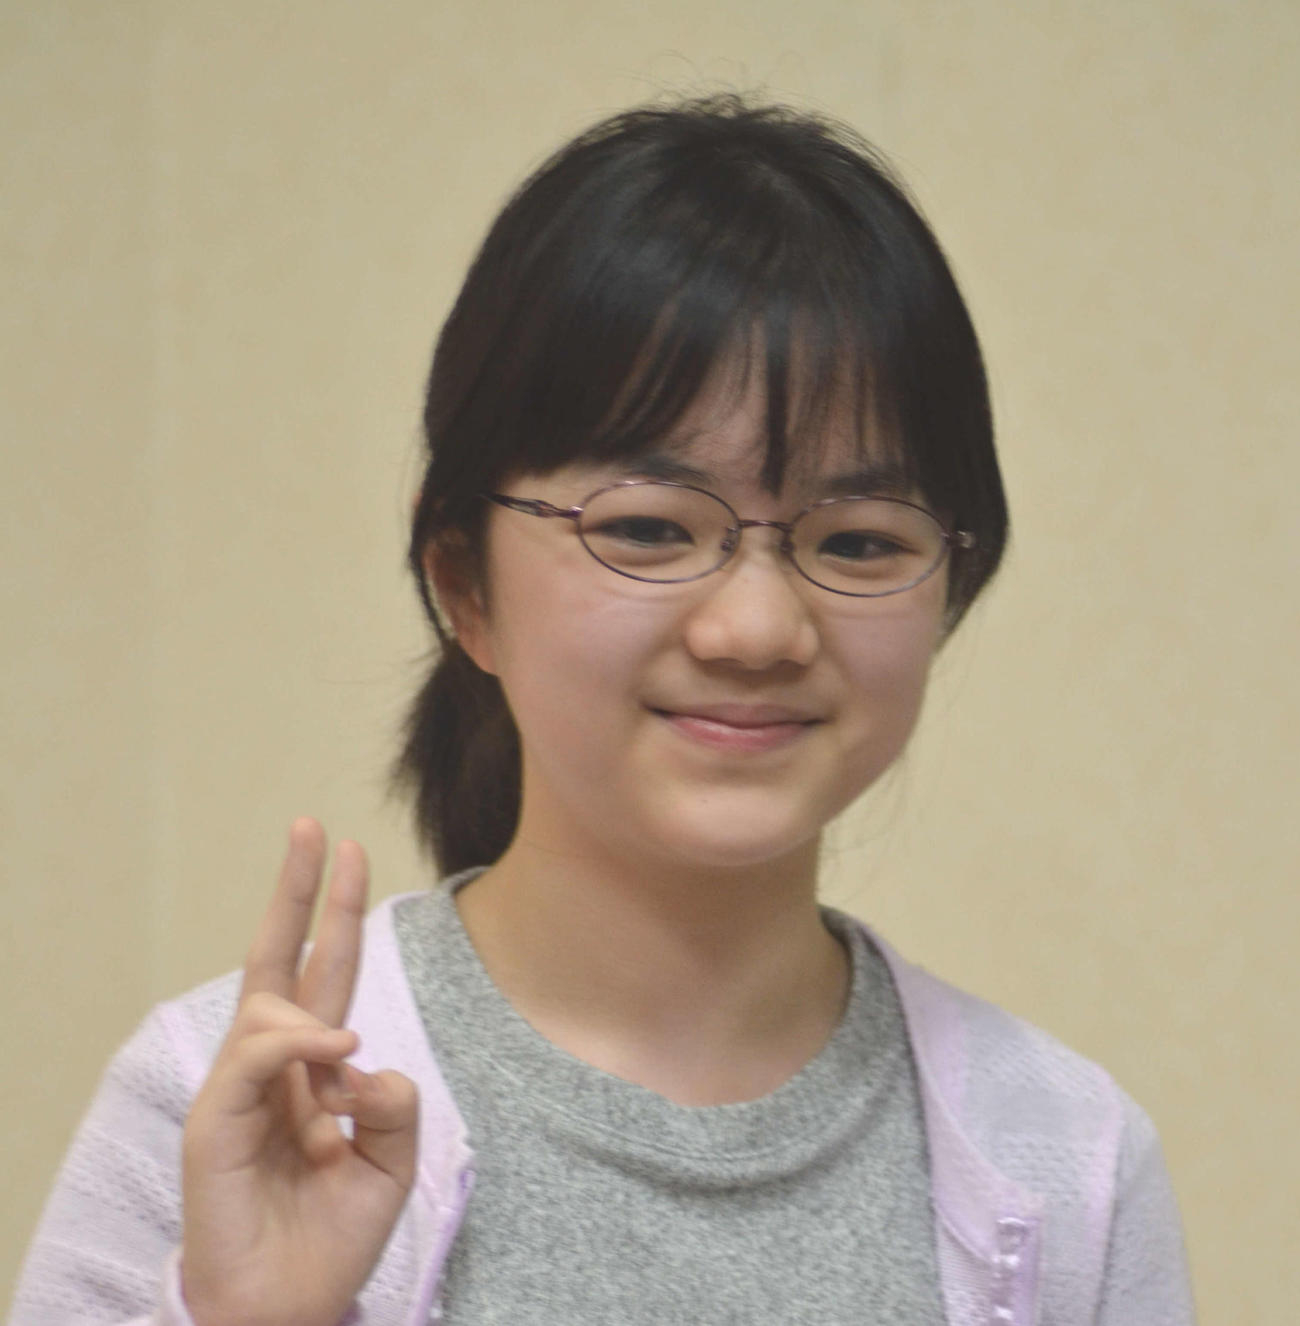 二段昇段会見で笑顔を見せる仲邑菫初段